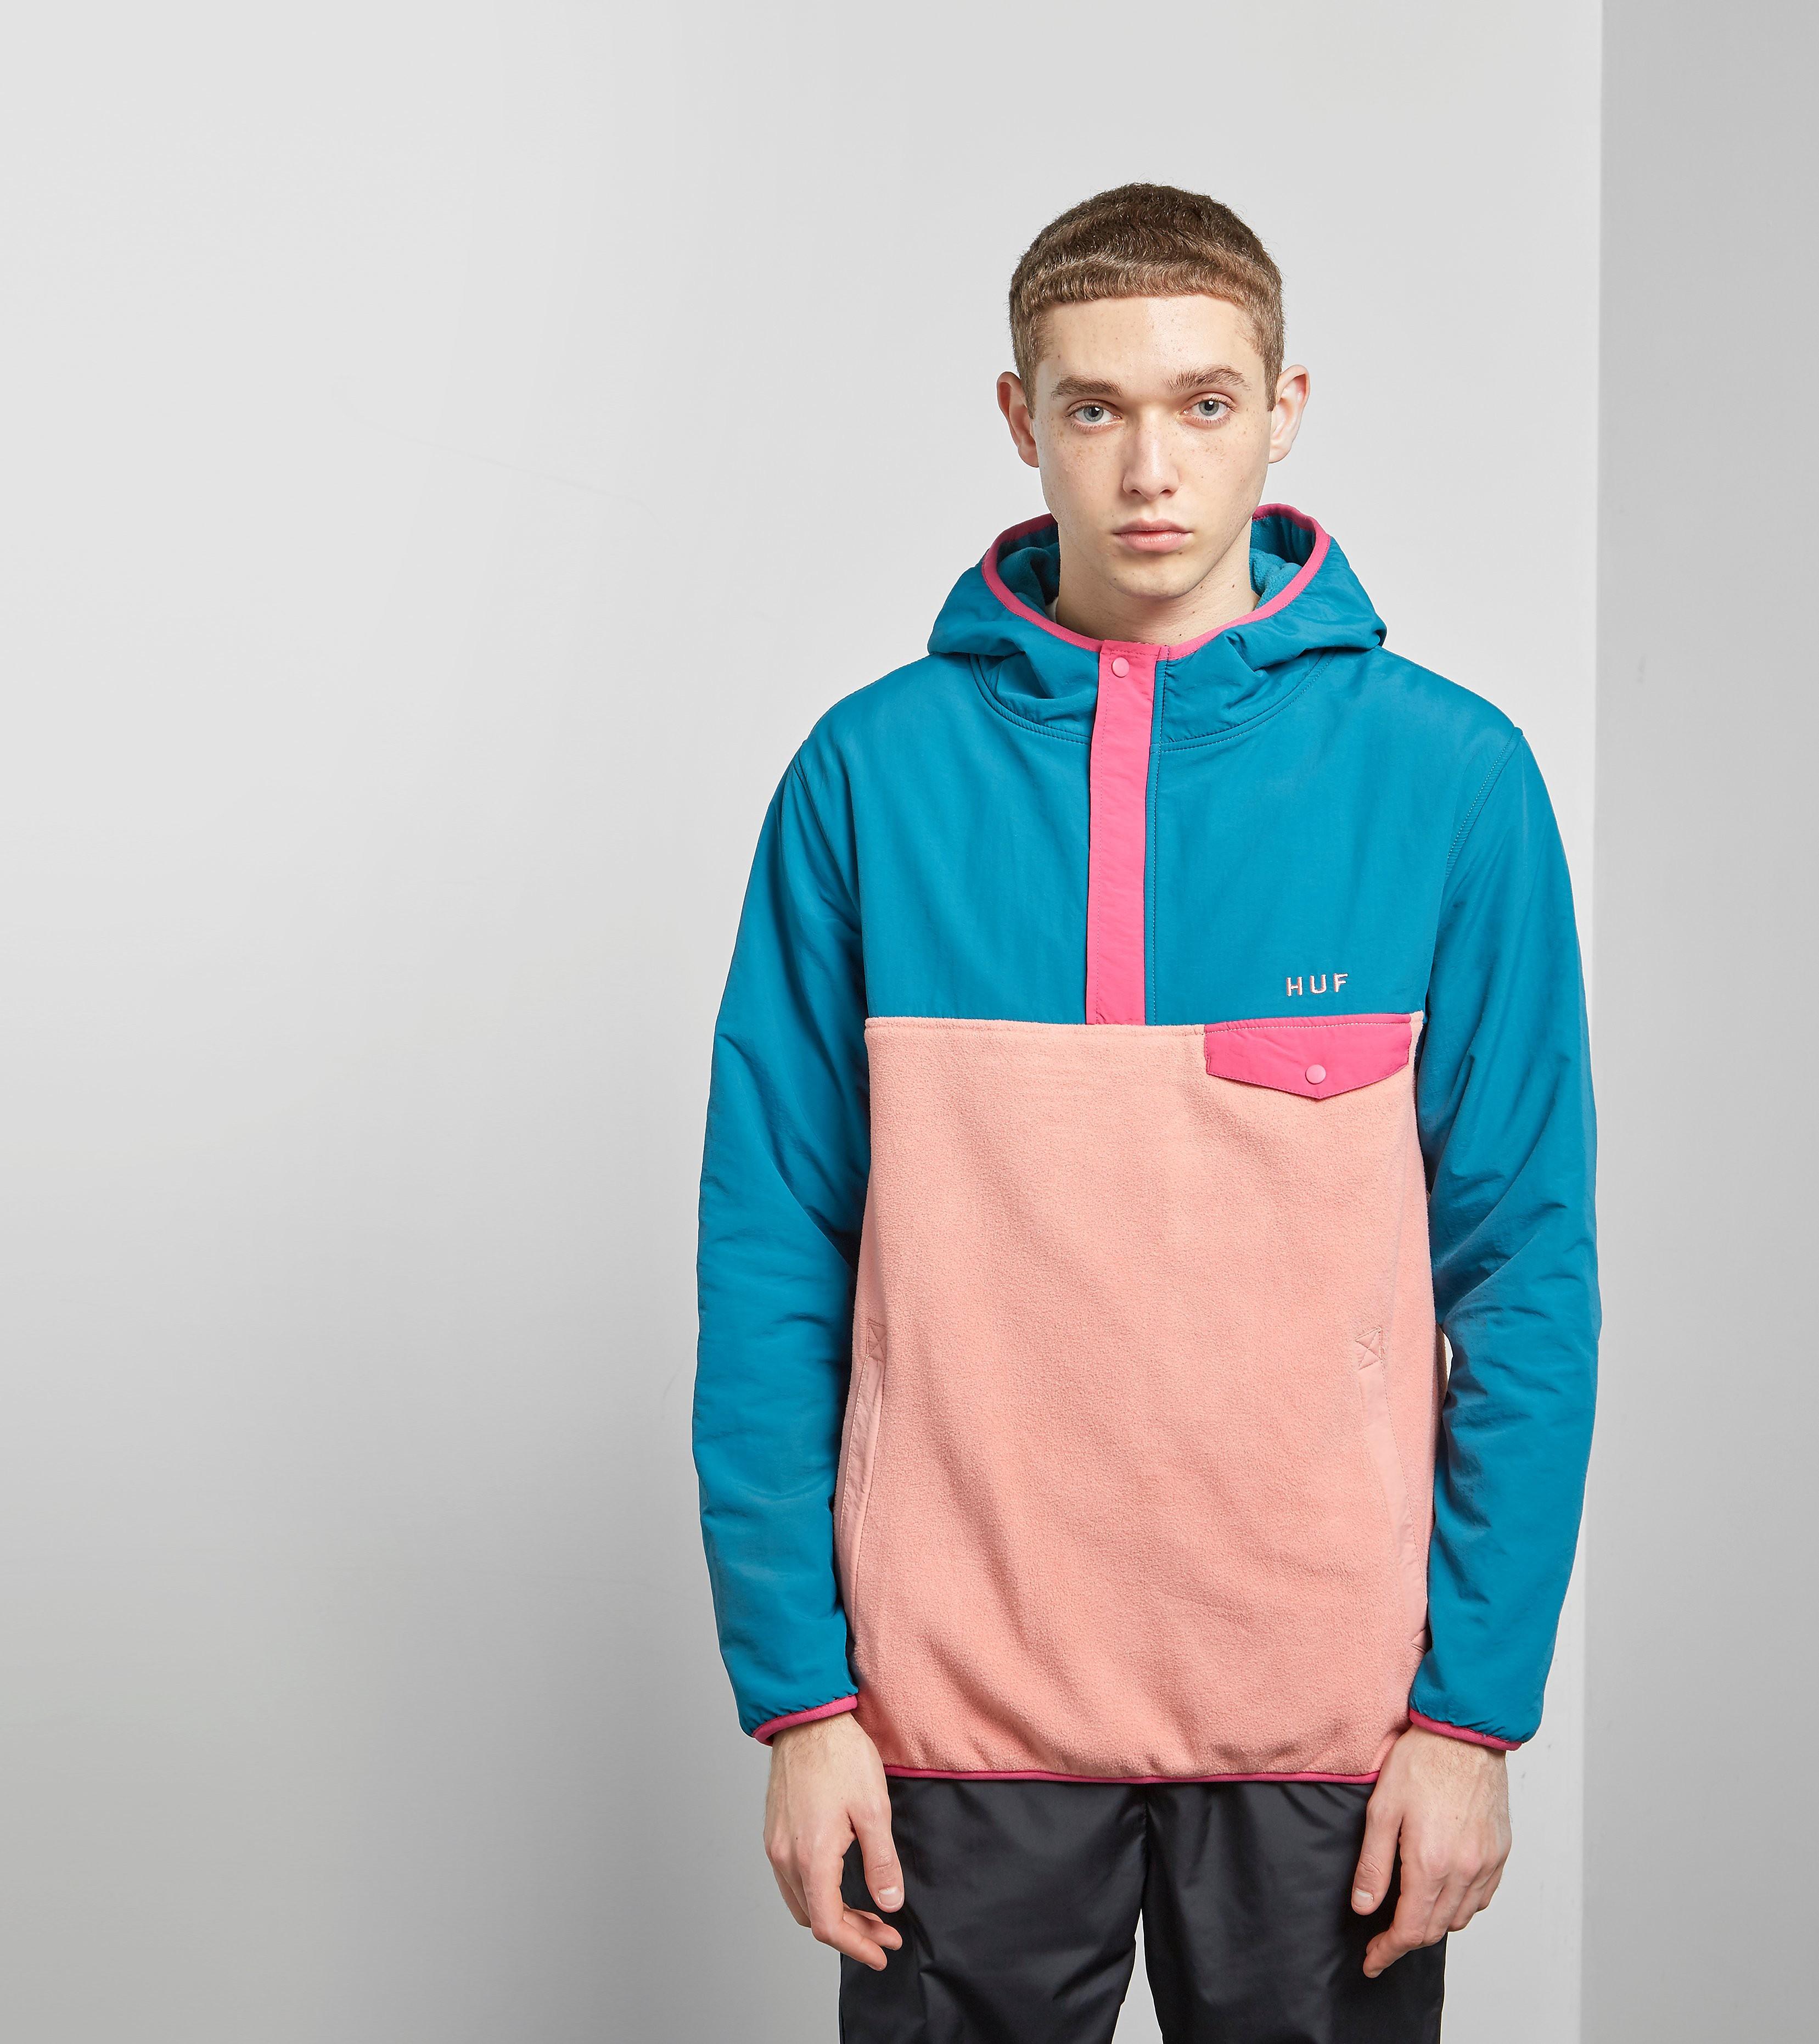 HUF Muir Half Zip Jacket